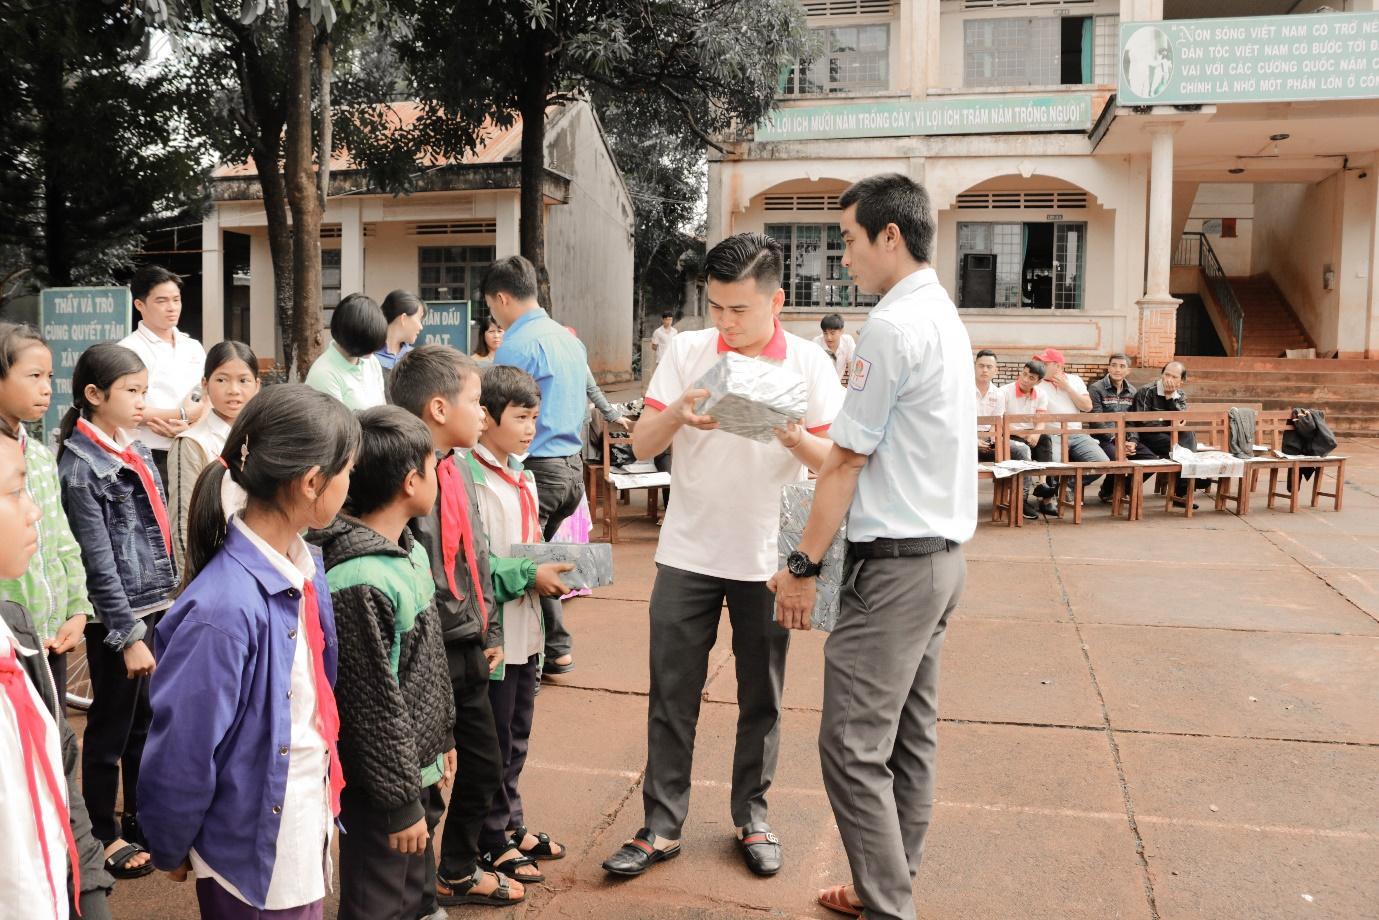 Honda ô tô Gia Lai - Pleiku chia sẻ yêu thương cùng các em học sinh khó khăn trên địa bàn - Ảnh 3